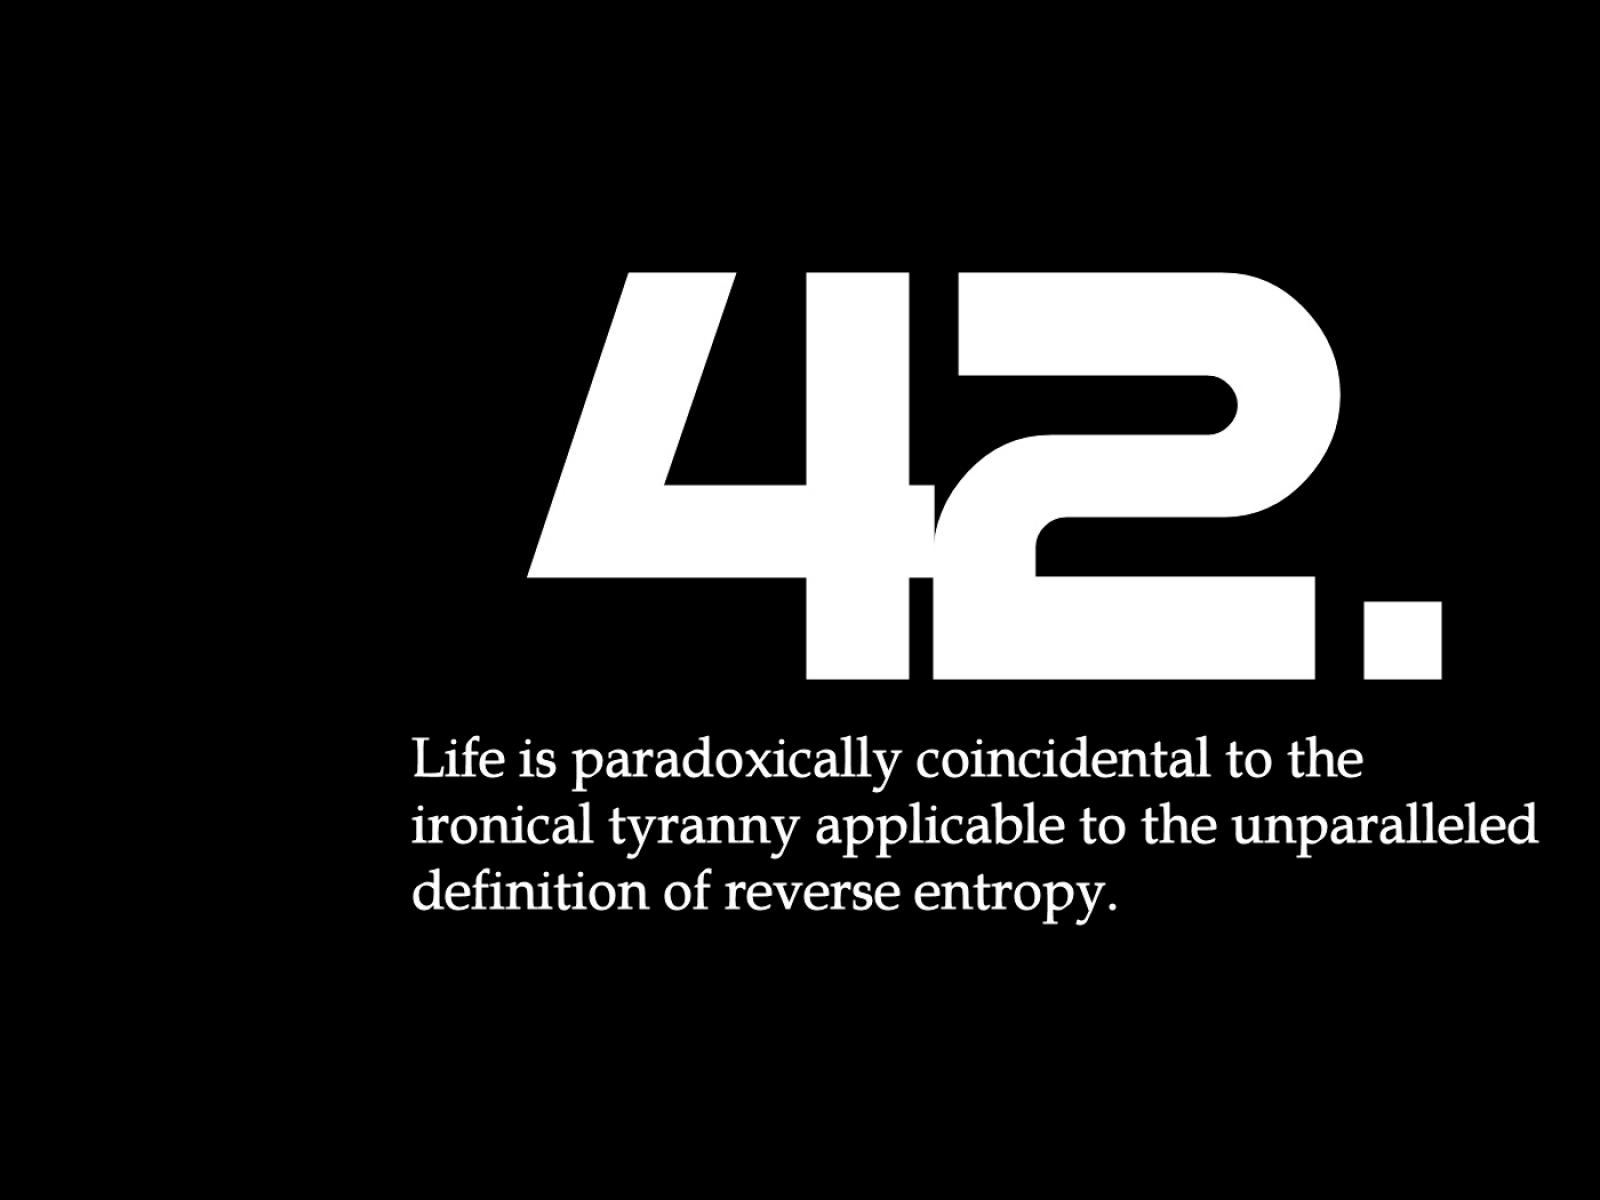 La risposta è 42